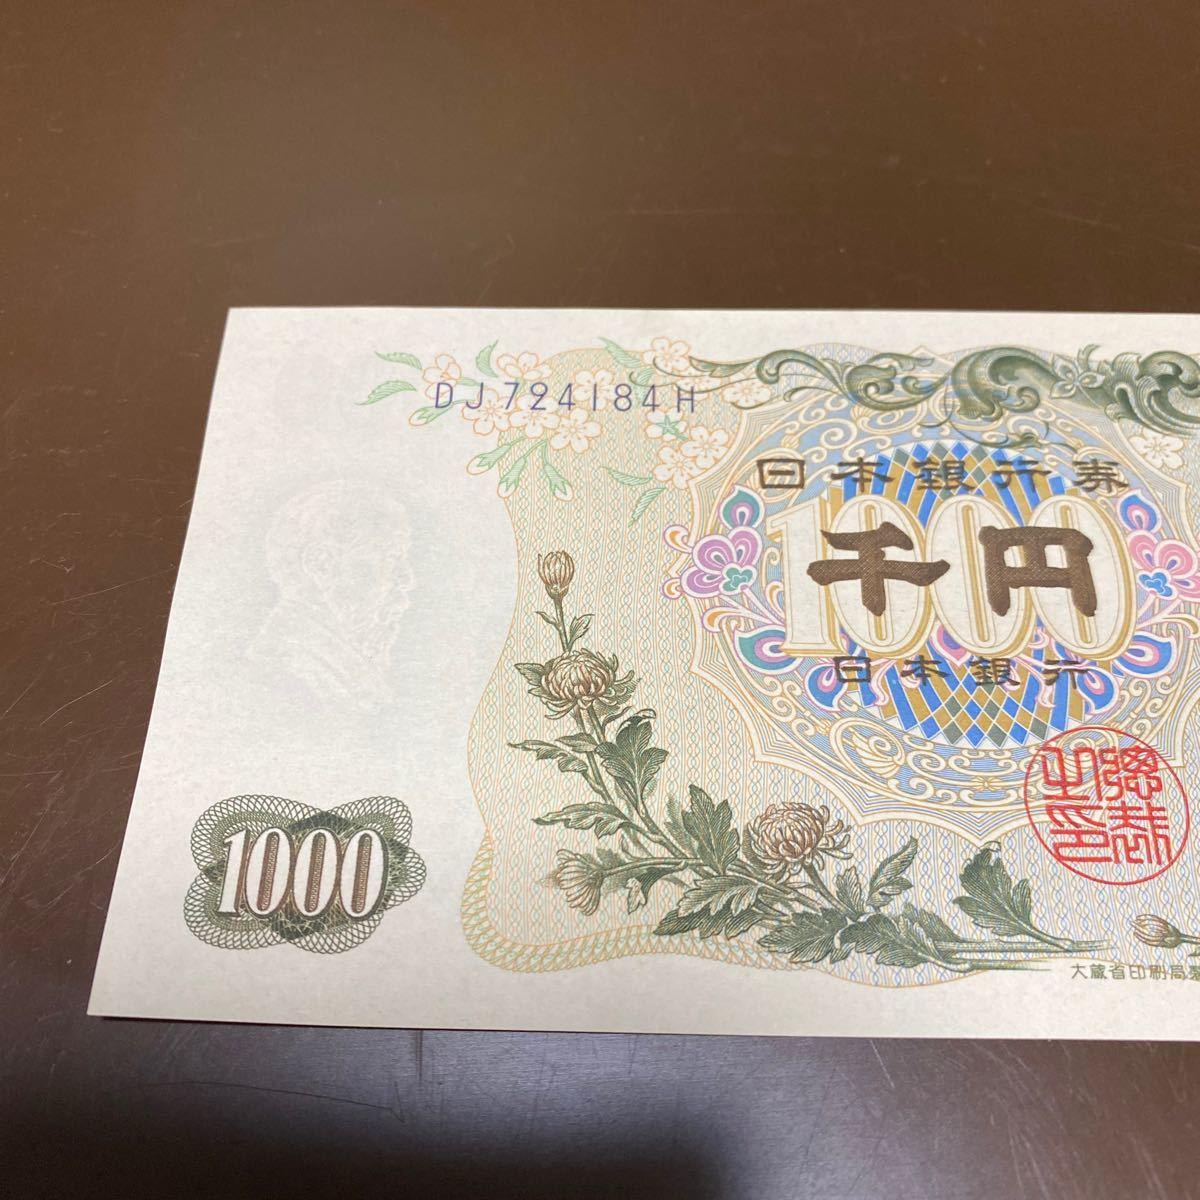 伊藤博文 1000円札 j_画像5